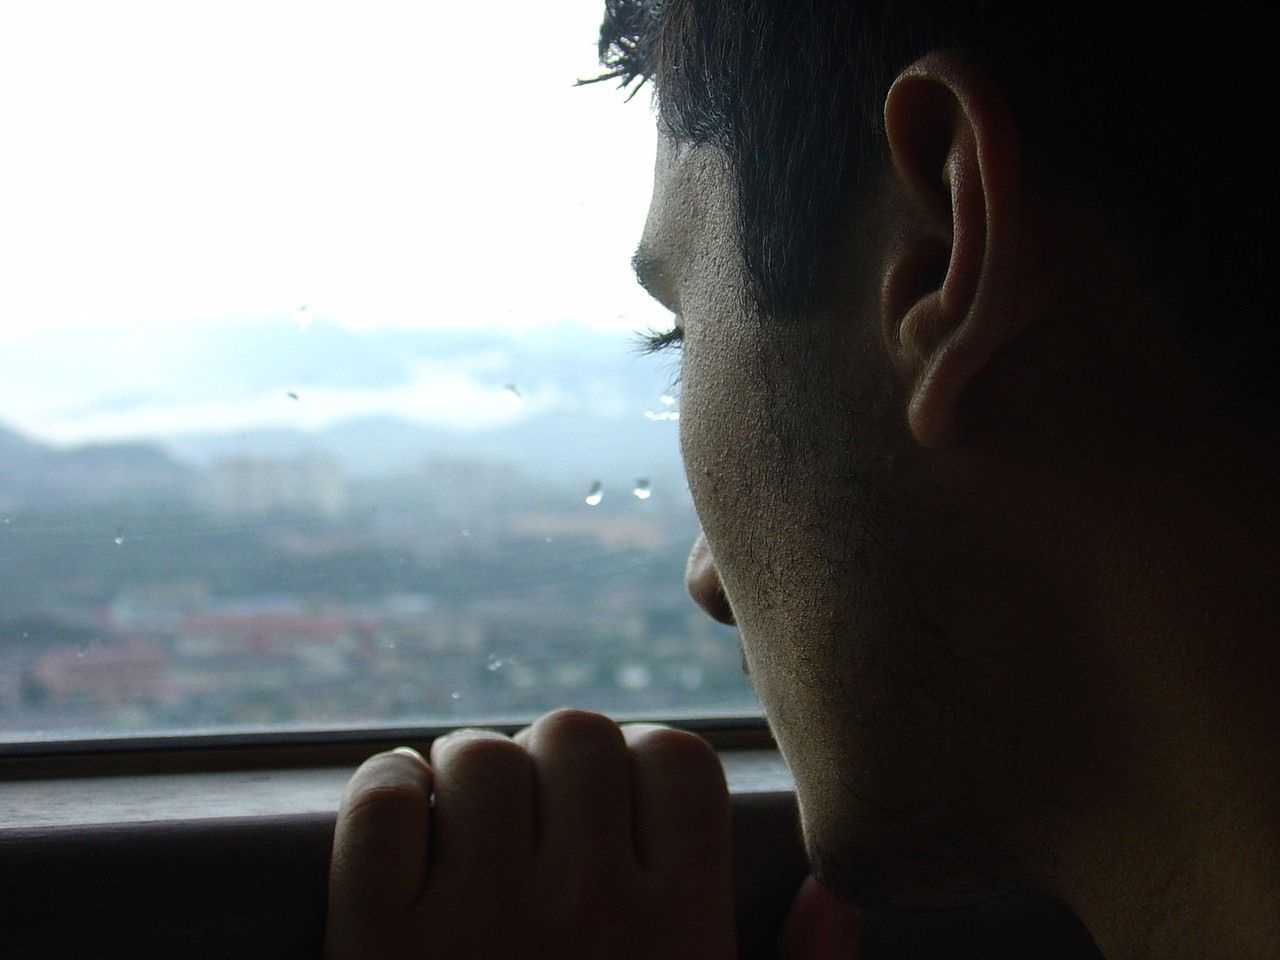 Jak uniknąć poczucia winy w depresji?